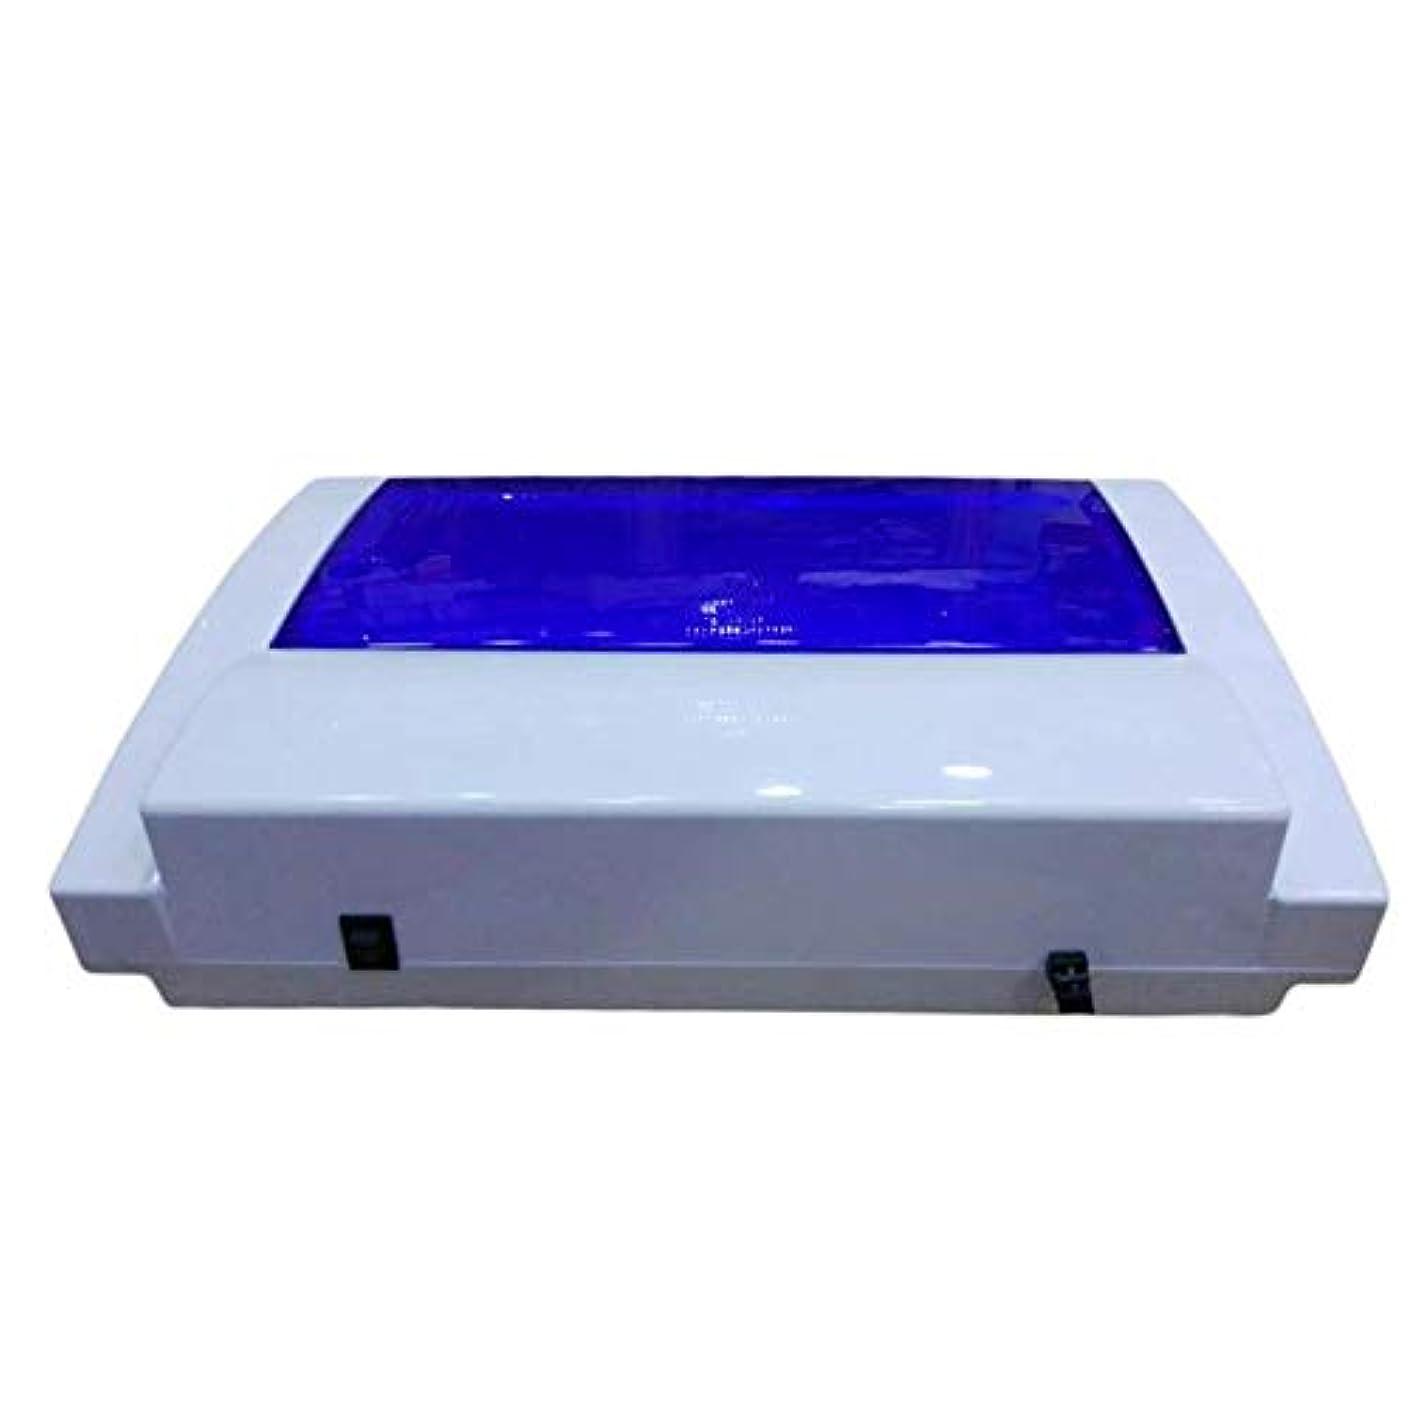 かもしれない敬な北方ネイル殺菌装置UV消毒キャビネット高温ドライヤーネイルマニキュアサロンツール治療消毒機